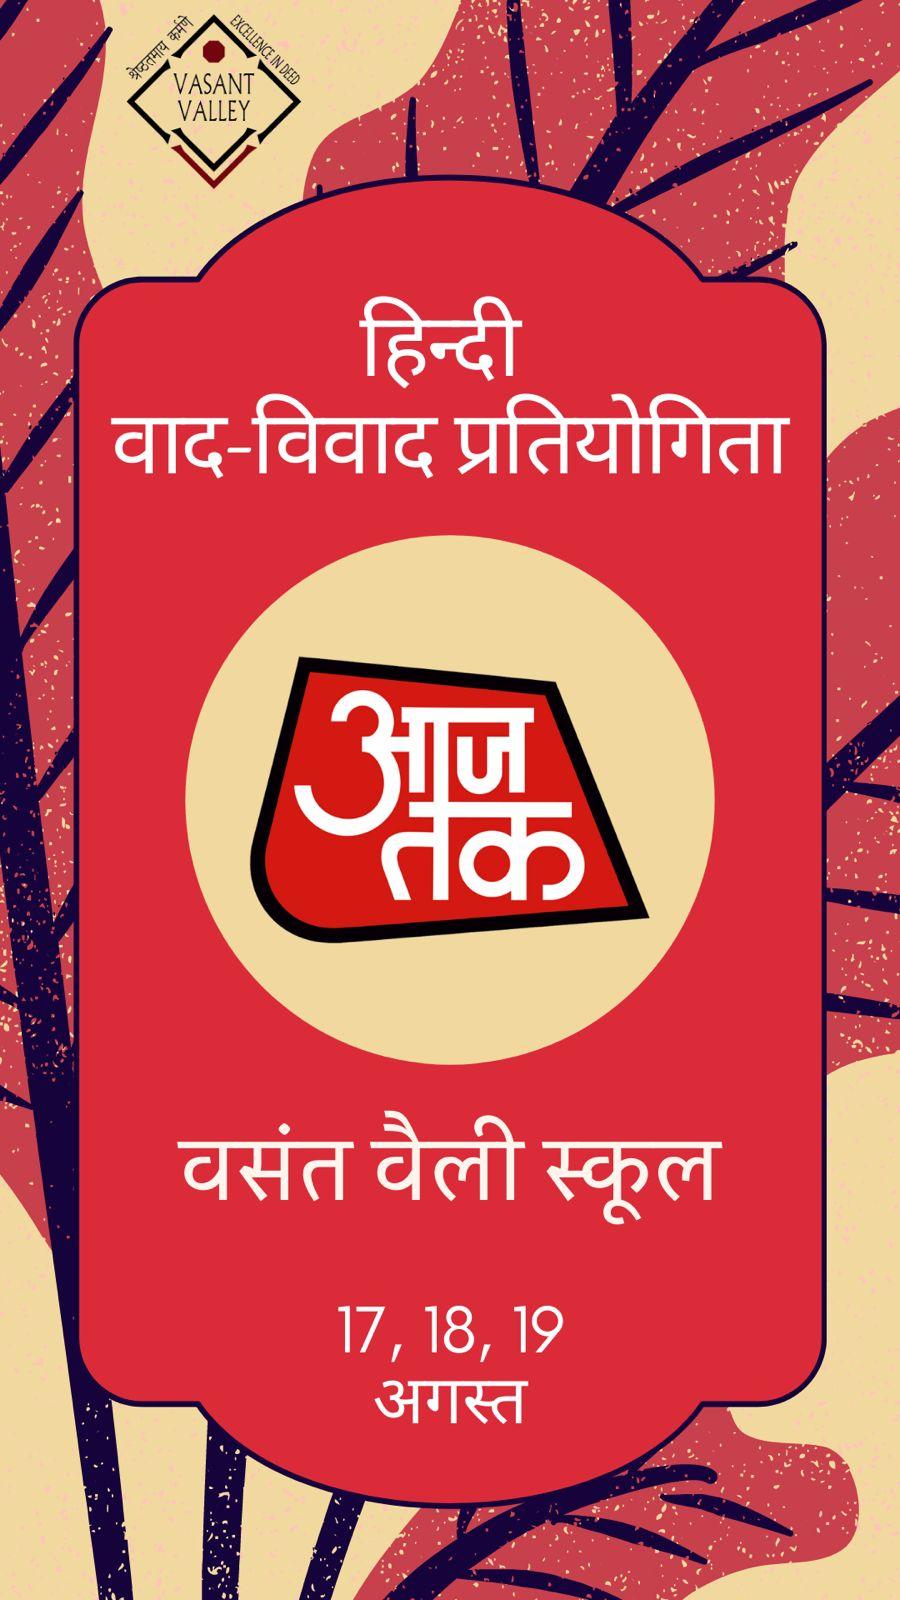 वसंत वैली स्कूल 'आज तक' हिन्दी वाद -विवाद प्रतियोगिता २०२१